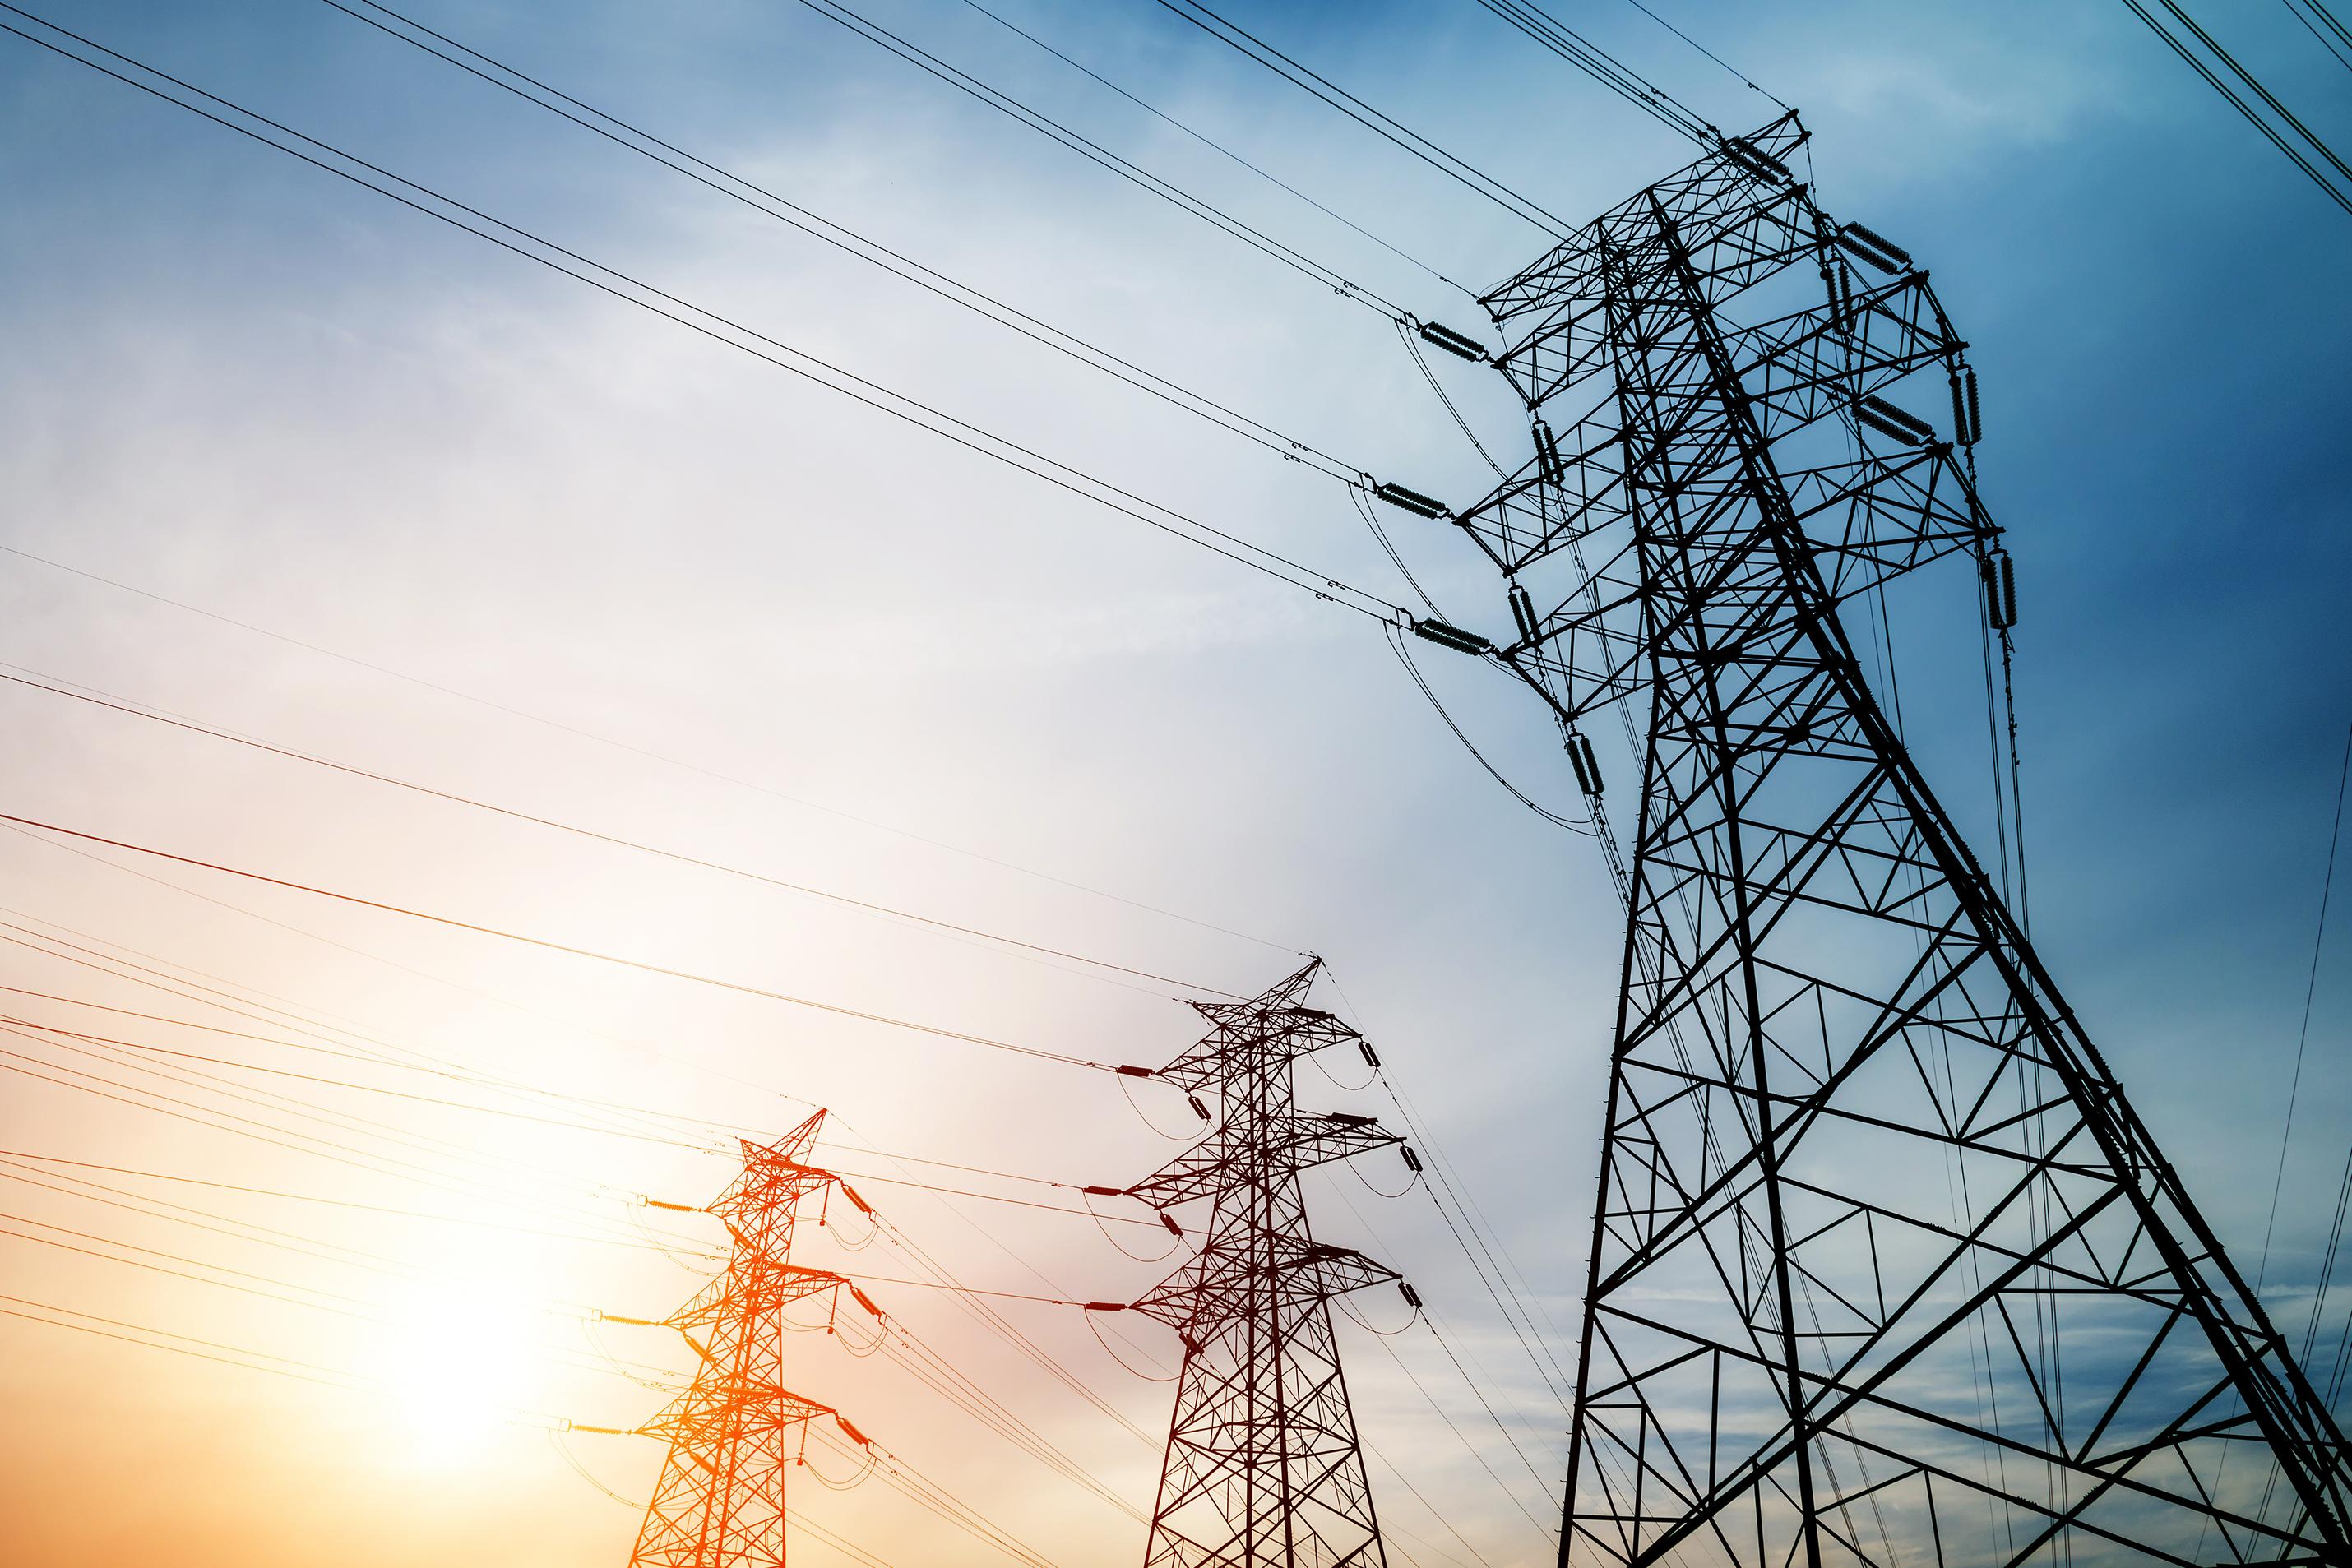 За 8 месяцев экспорт электроэнергии сократился на четверть